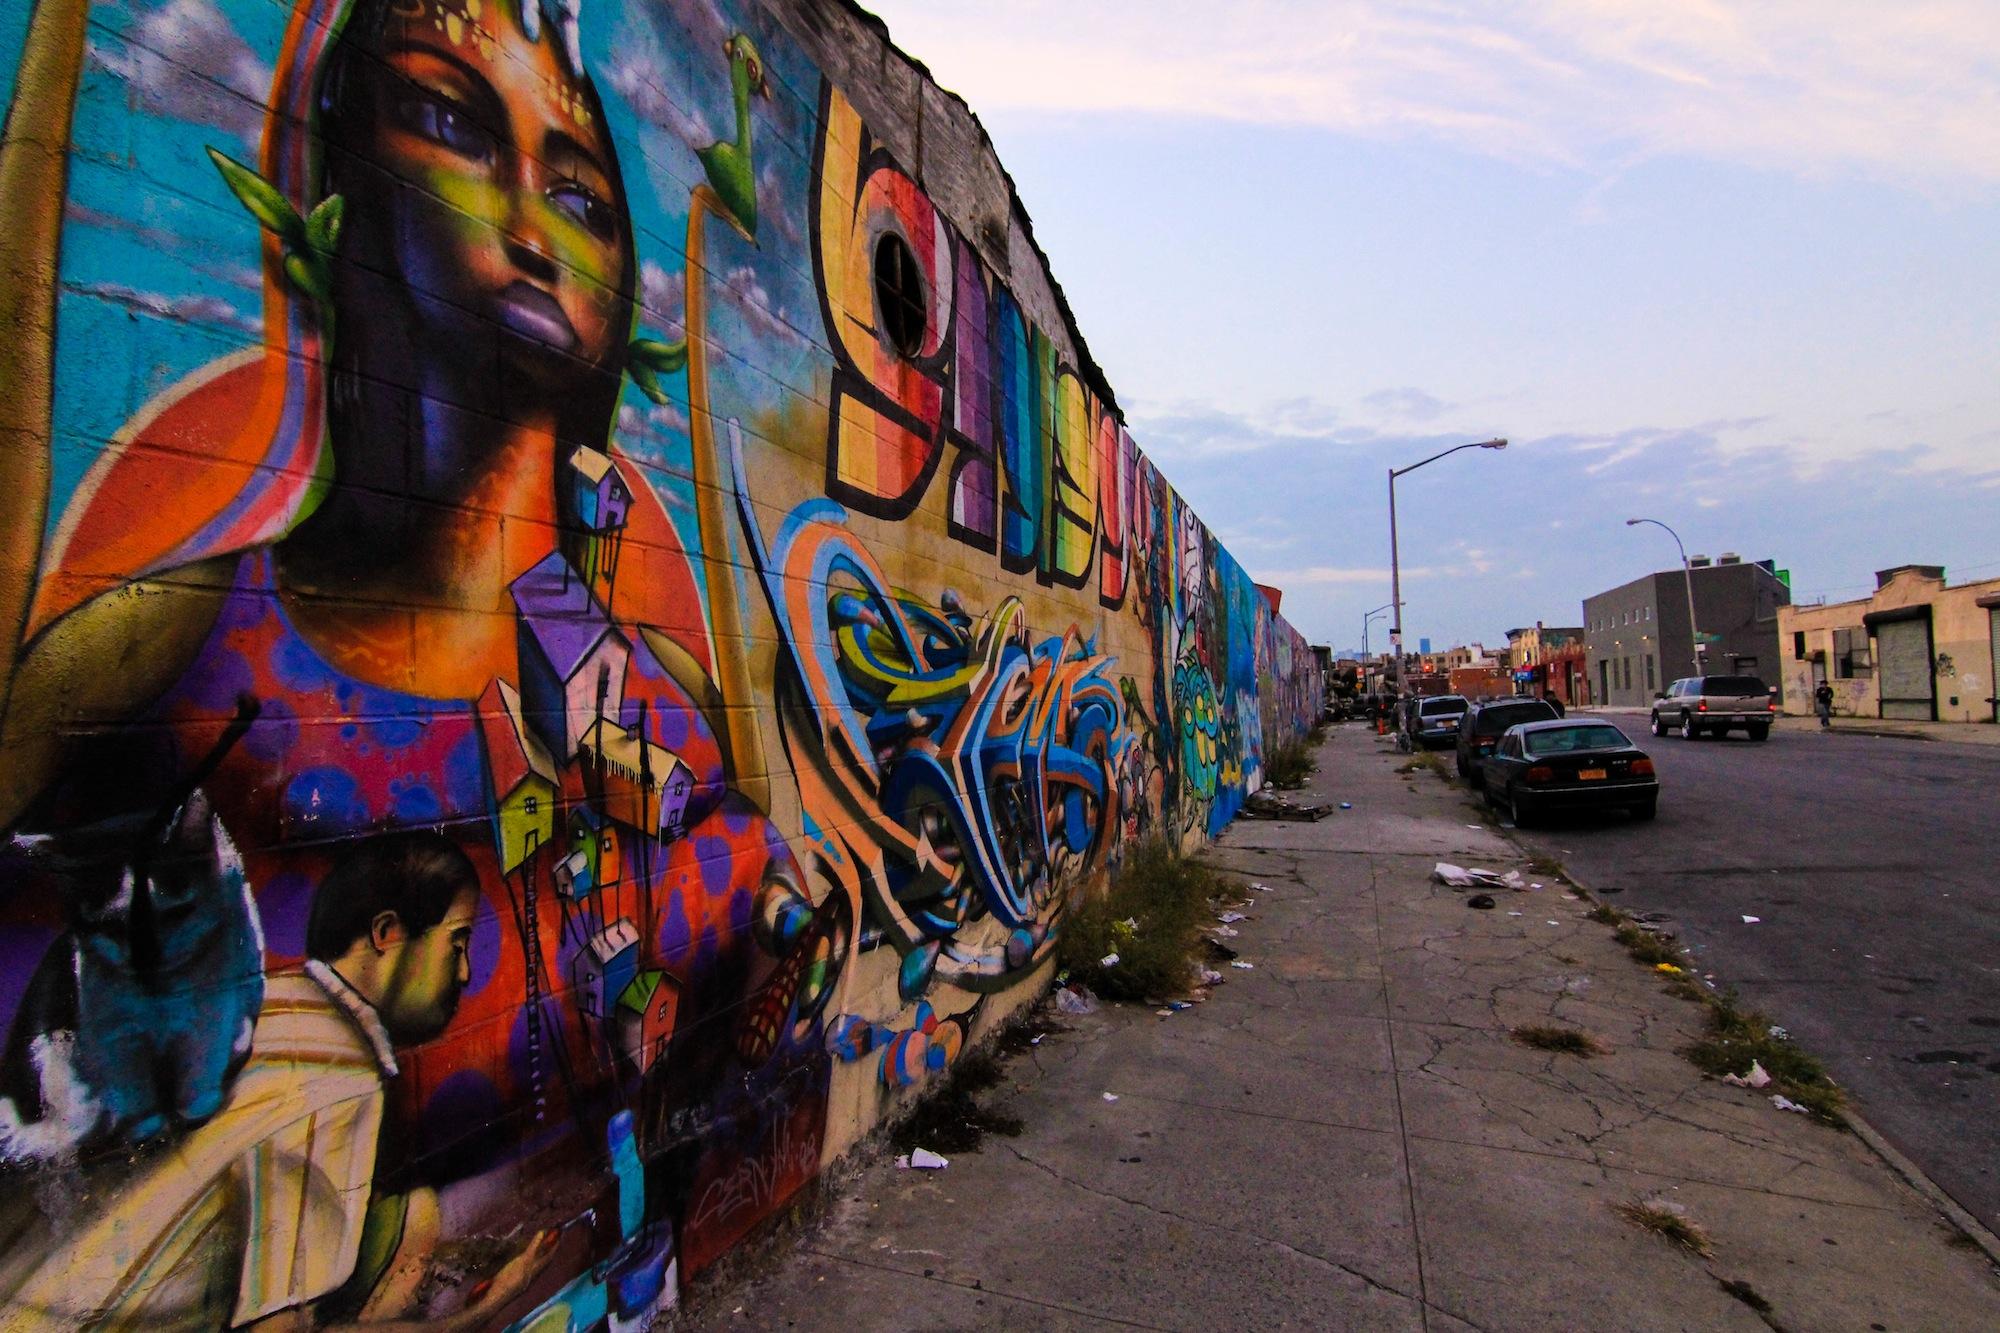 Bushwick, Brooklyn, New York